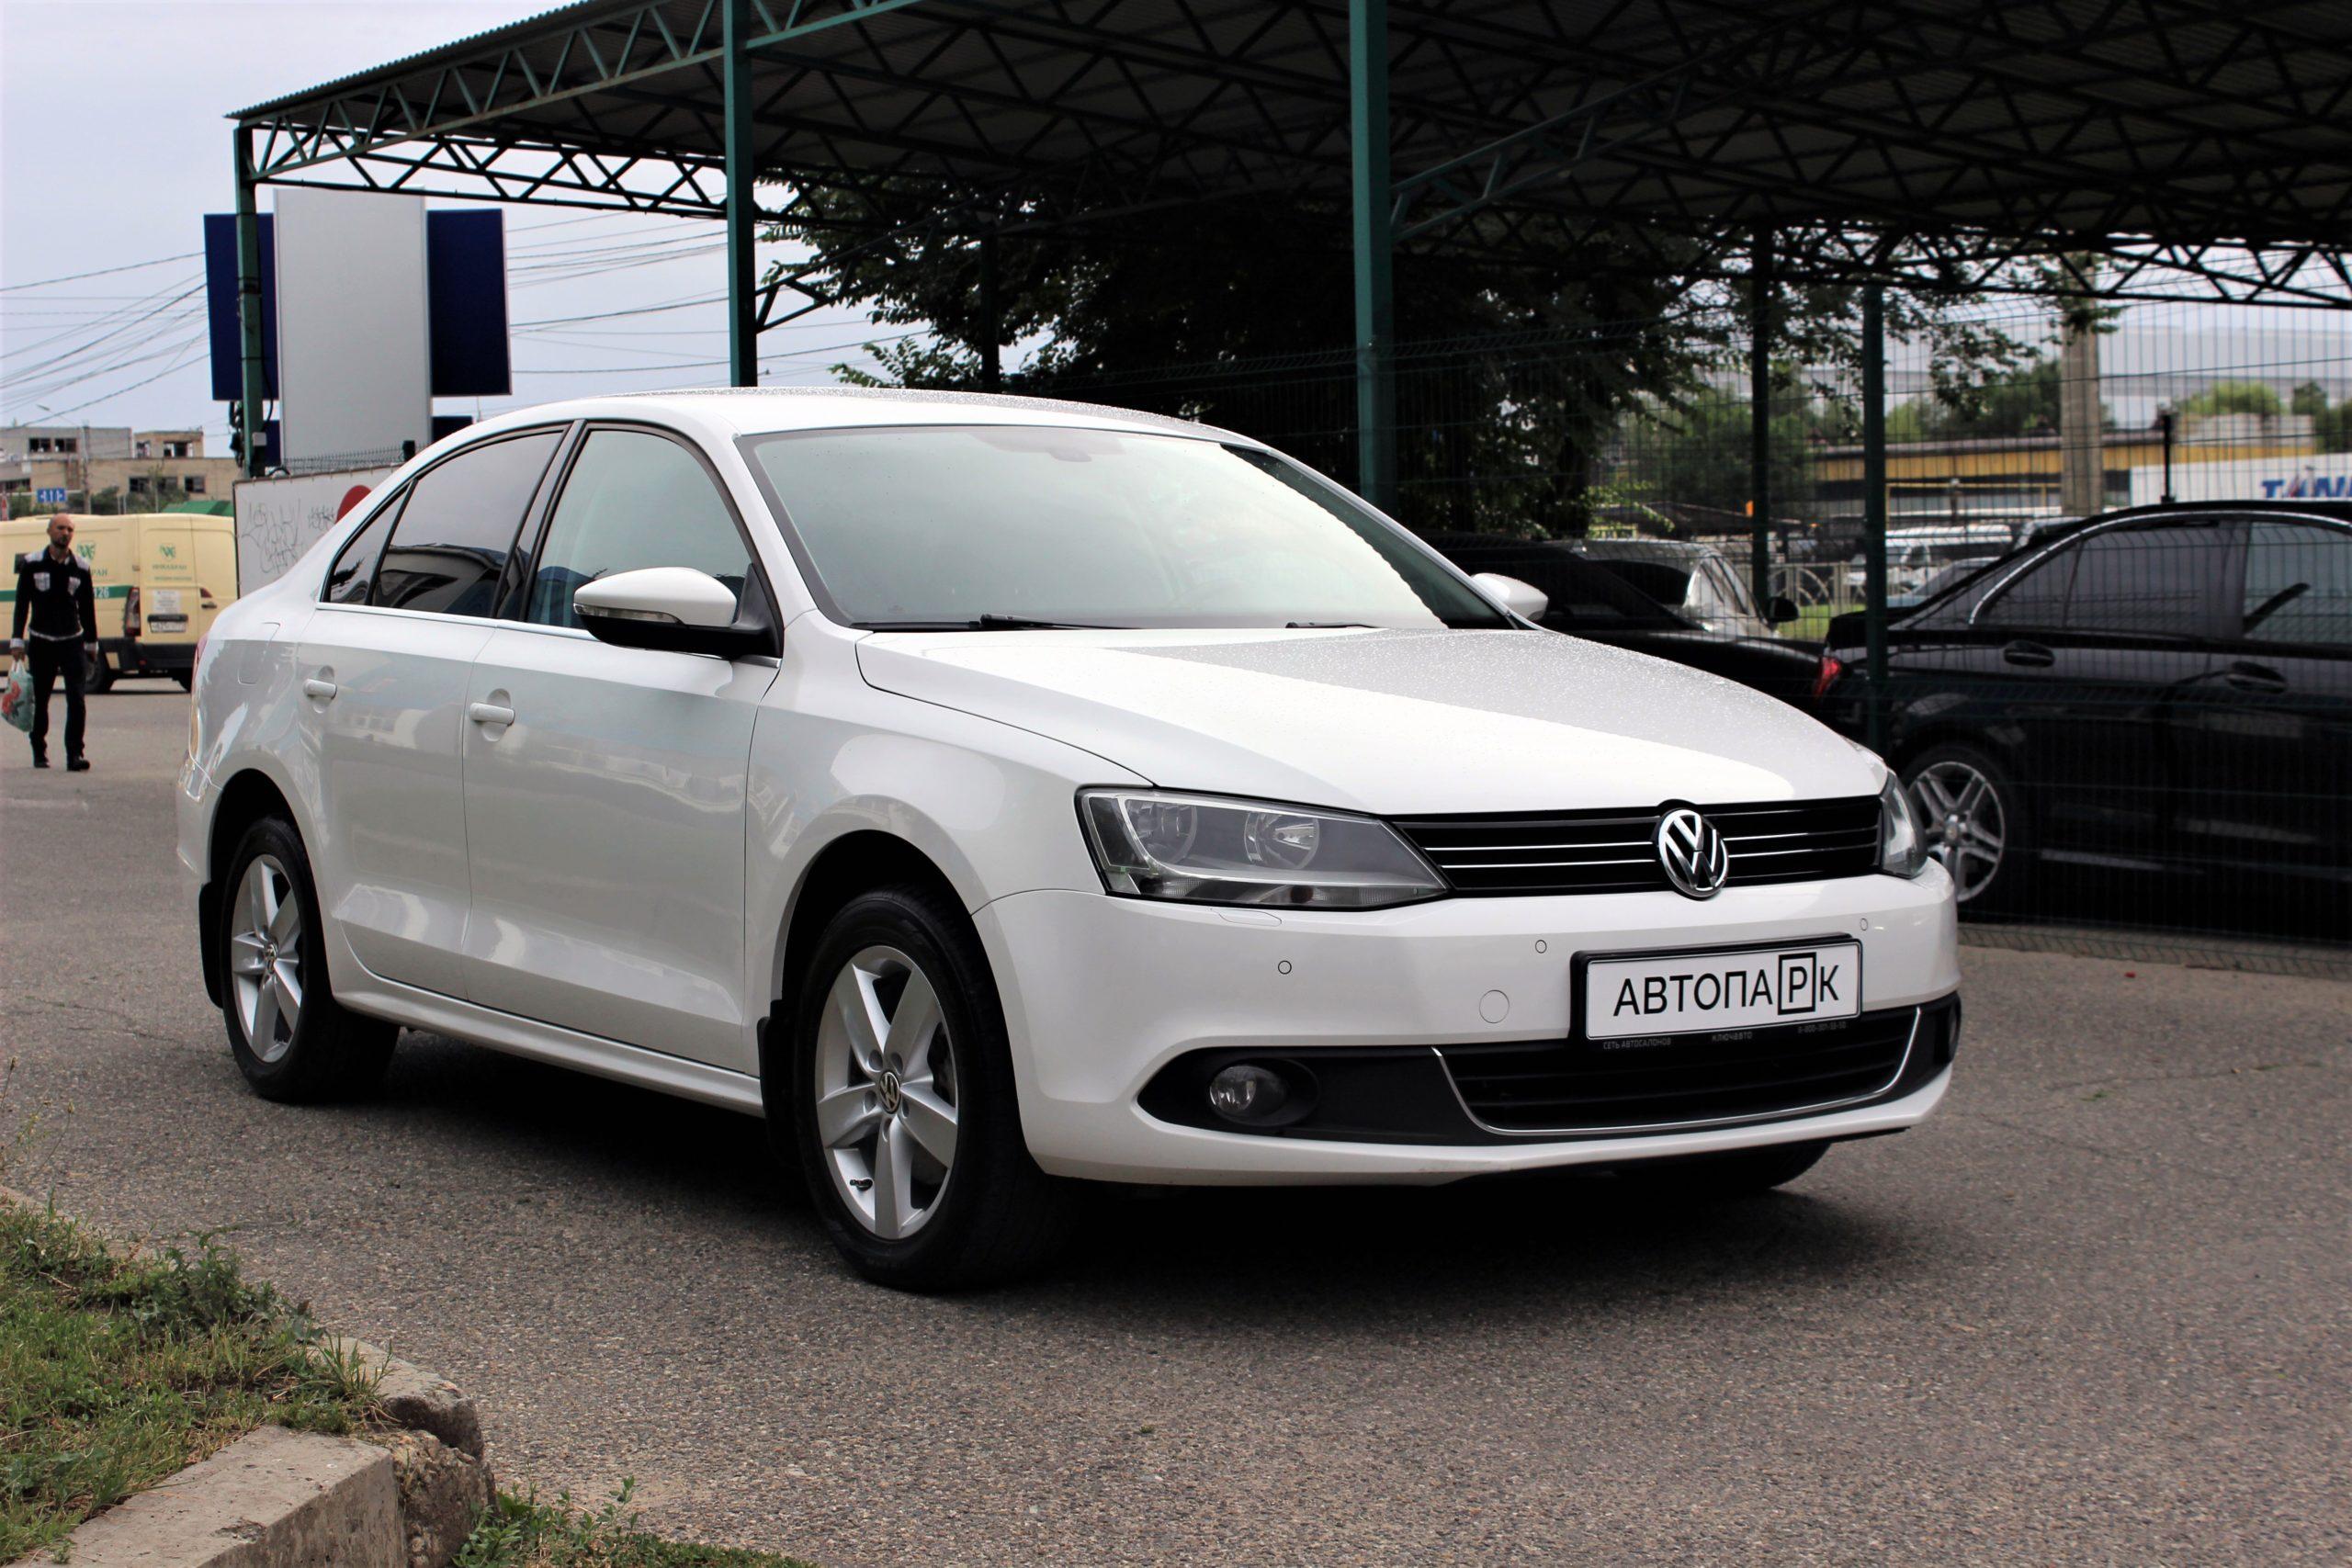 Купить Volkswagen Jetta (Белый) - Автопарк Ставрополь